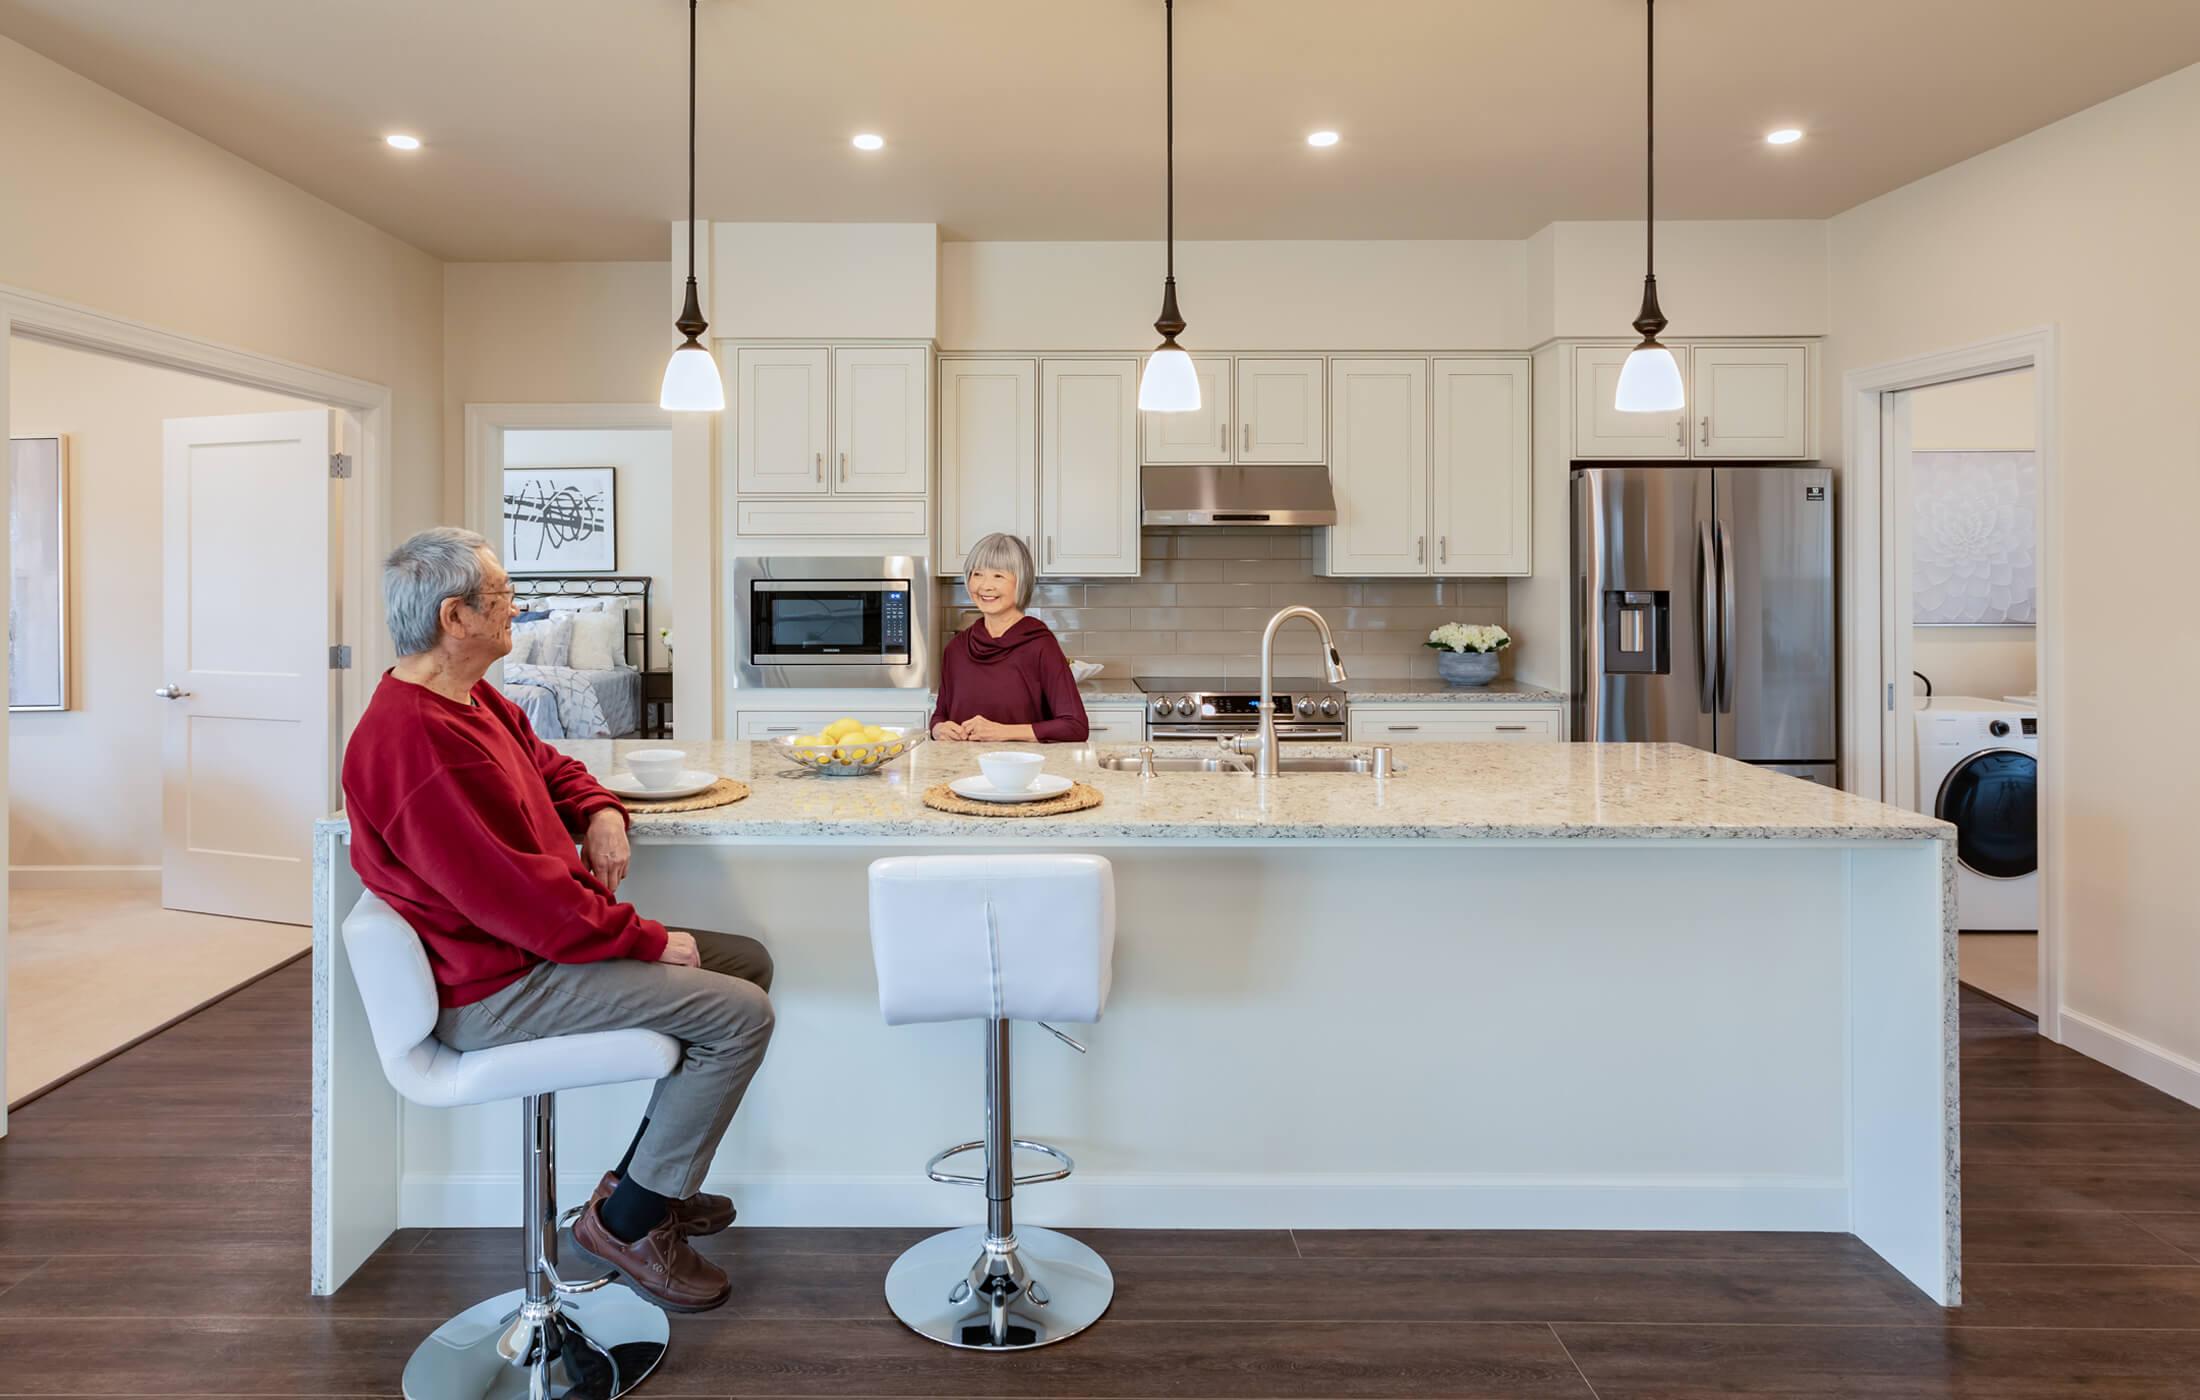 Couple enjoying their kitchen